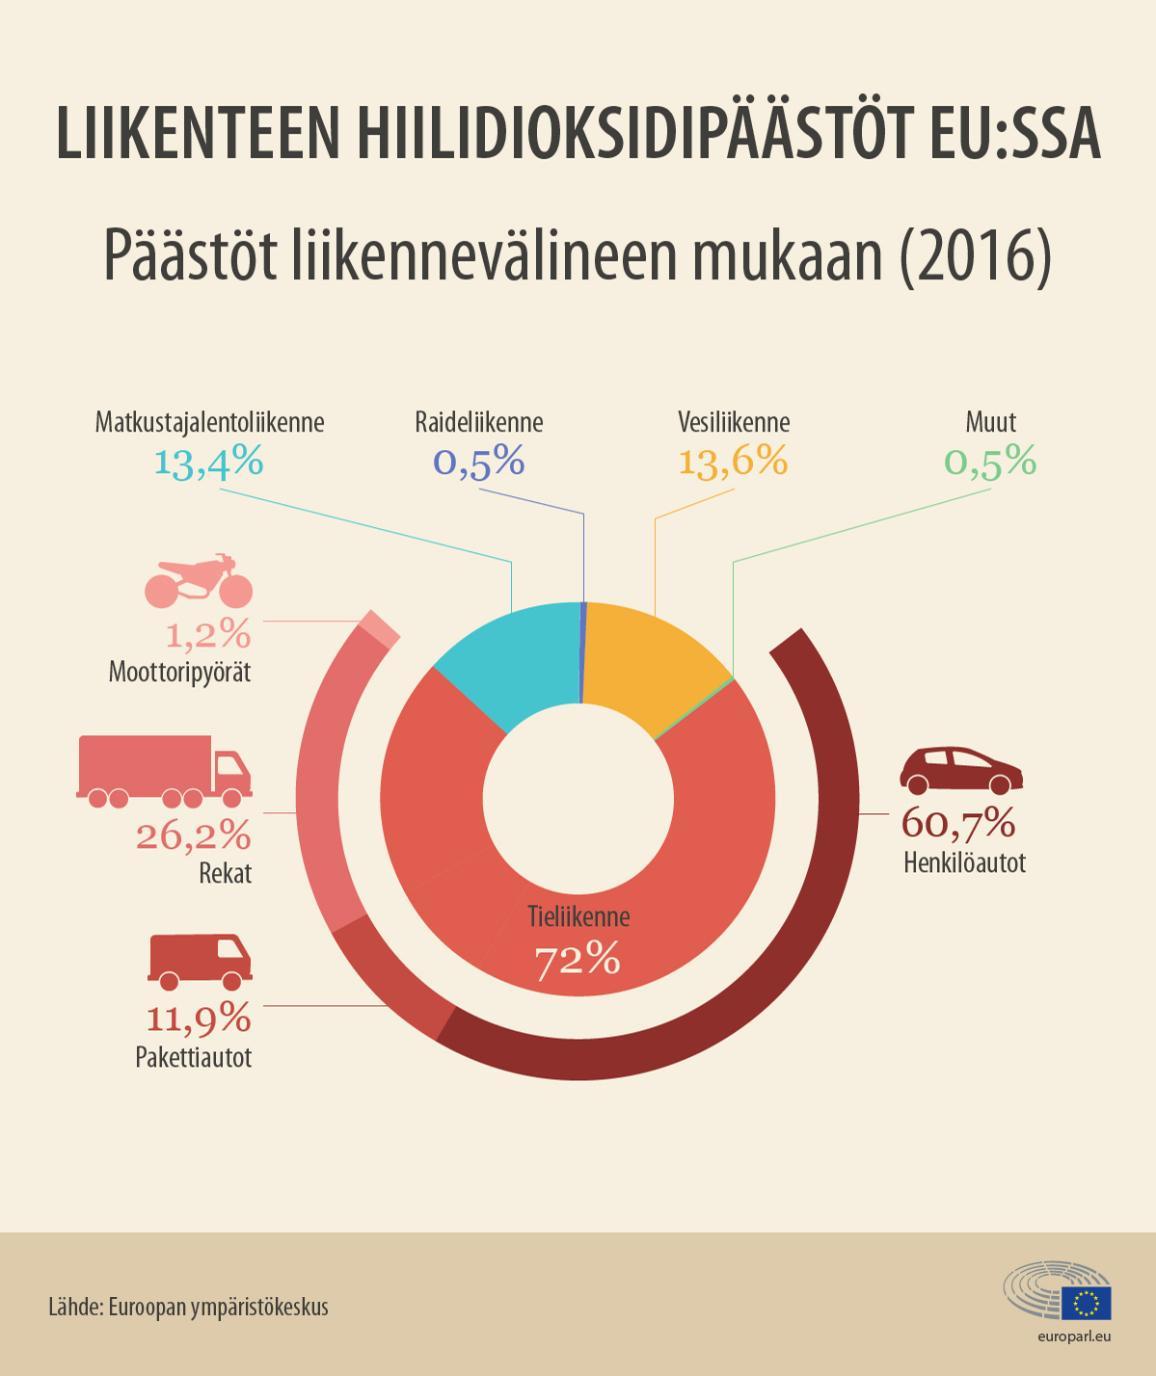 Infografiikka: Eri liikennevälineiden hiilidioksidipäästöt EU:ssa